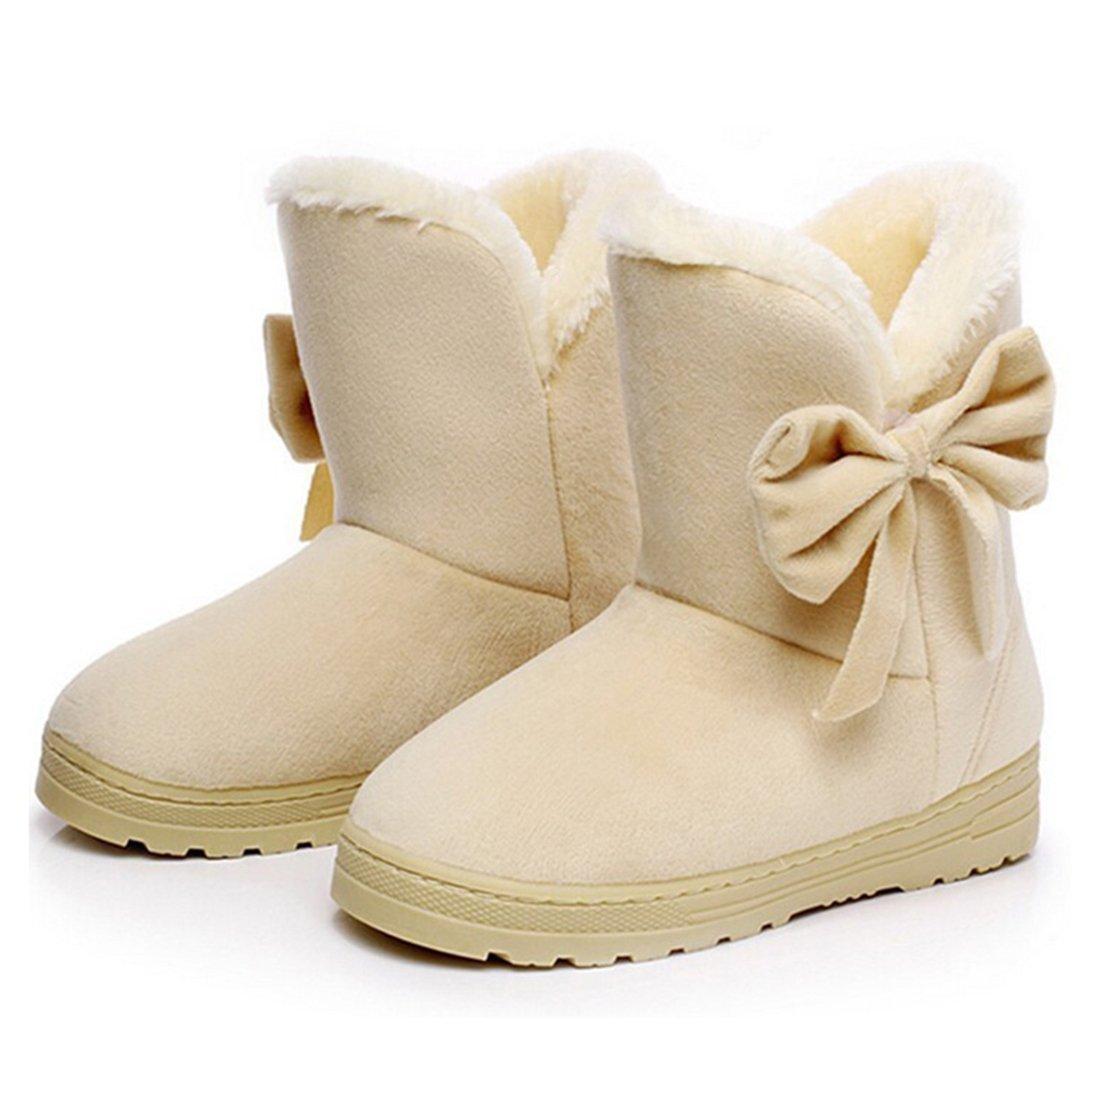 6e1084287fadbe Minetom Bottes De Neige Femme Bowtie Boots Avec Epais Fourrure Laine  Antidérapage Plat Talon Pour Hiver ...